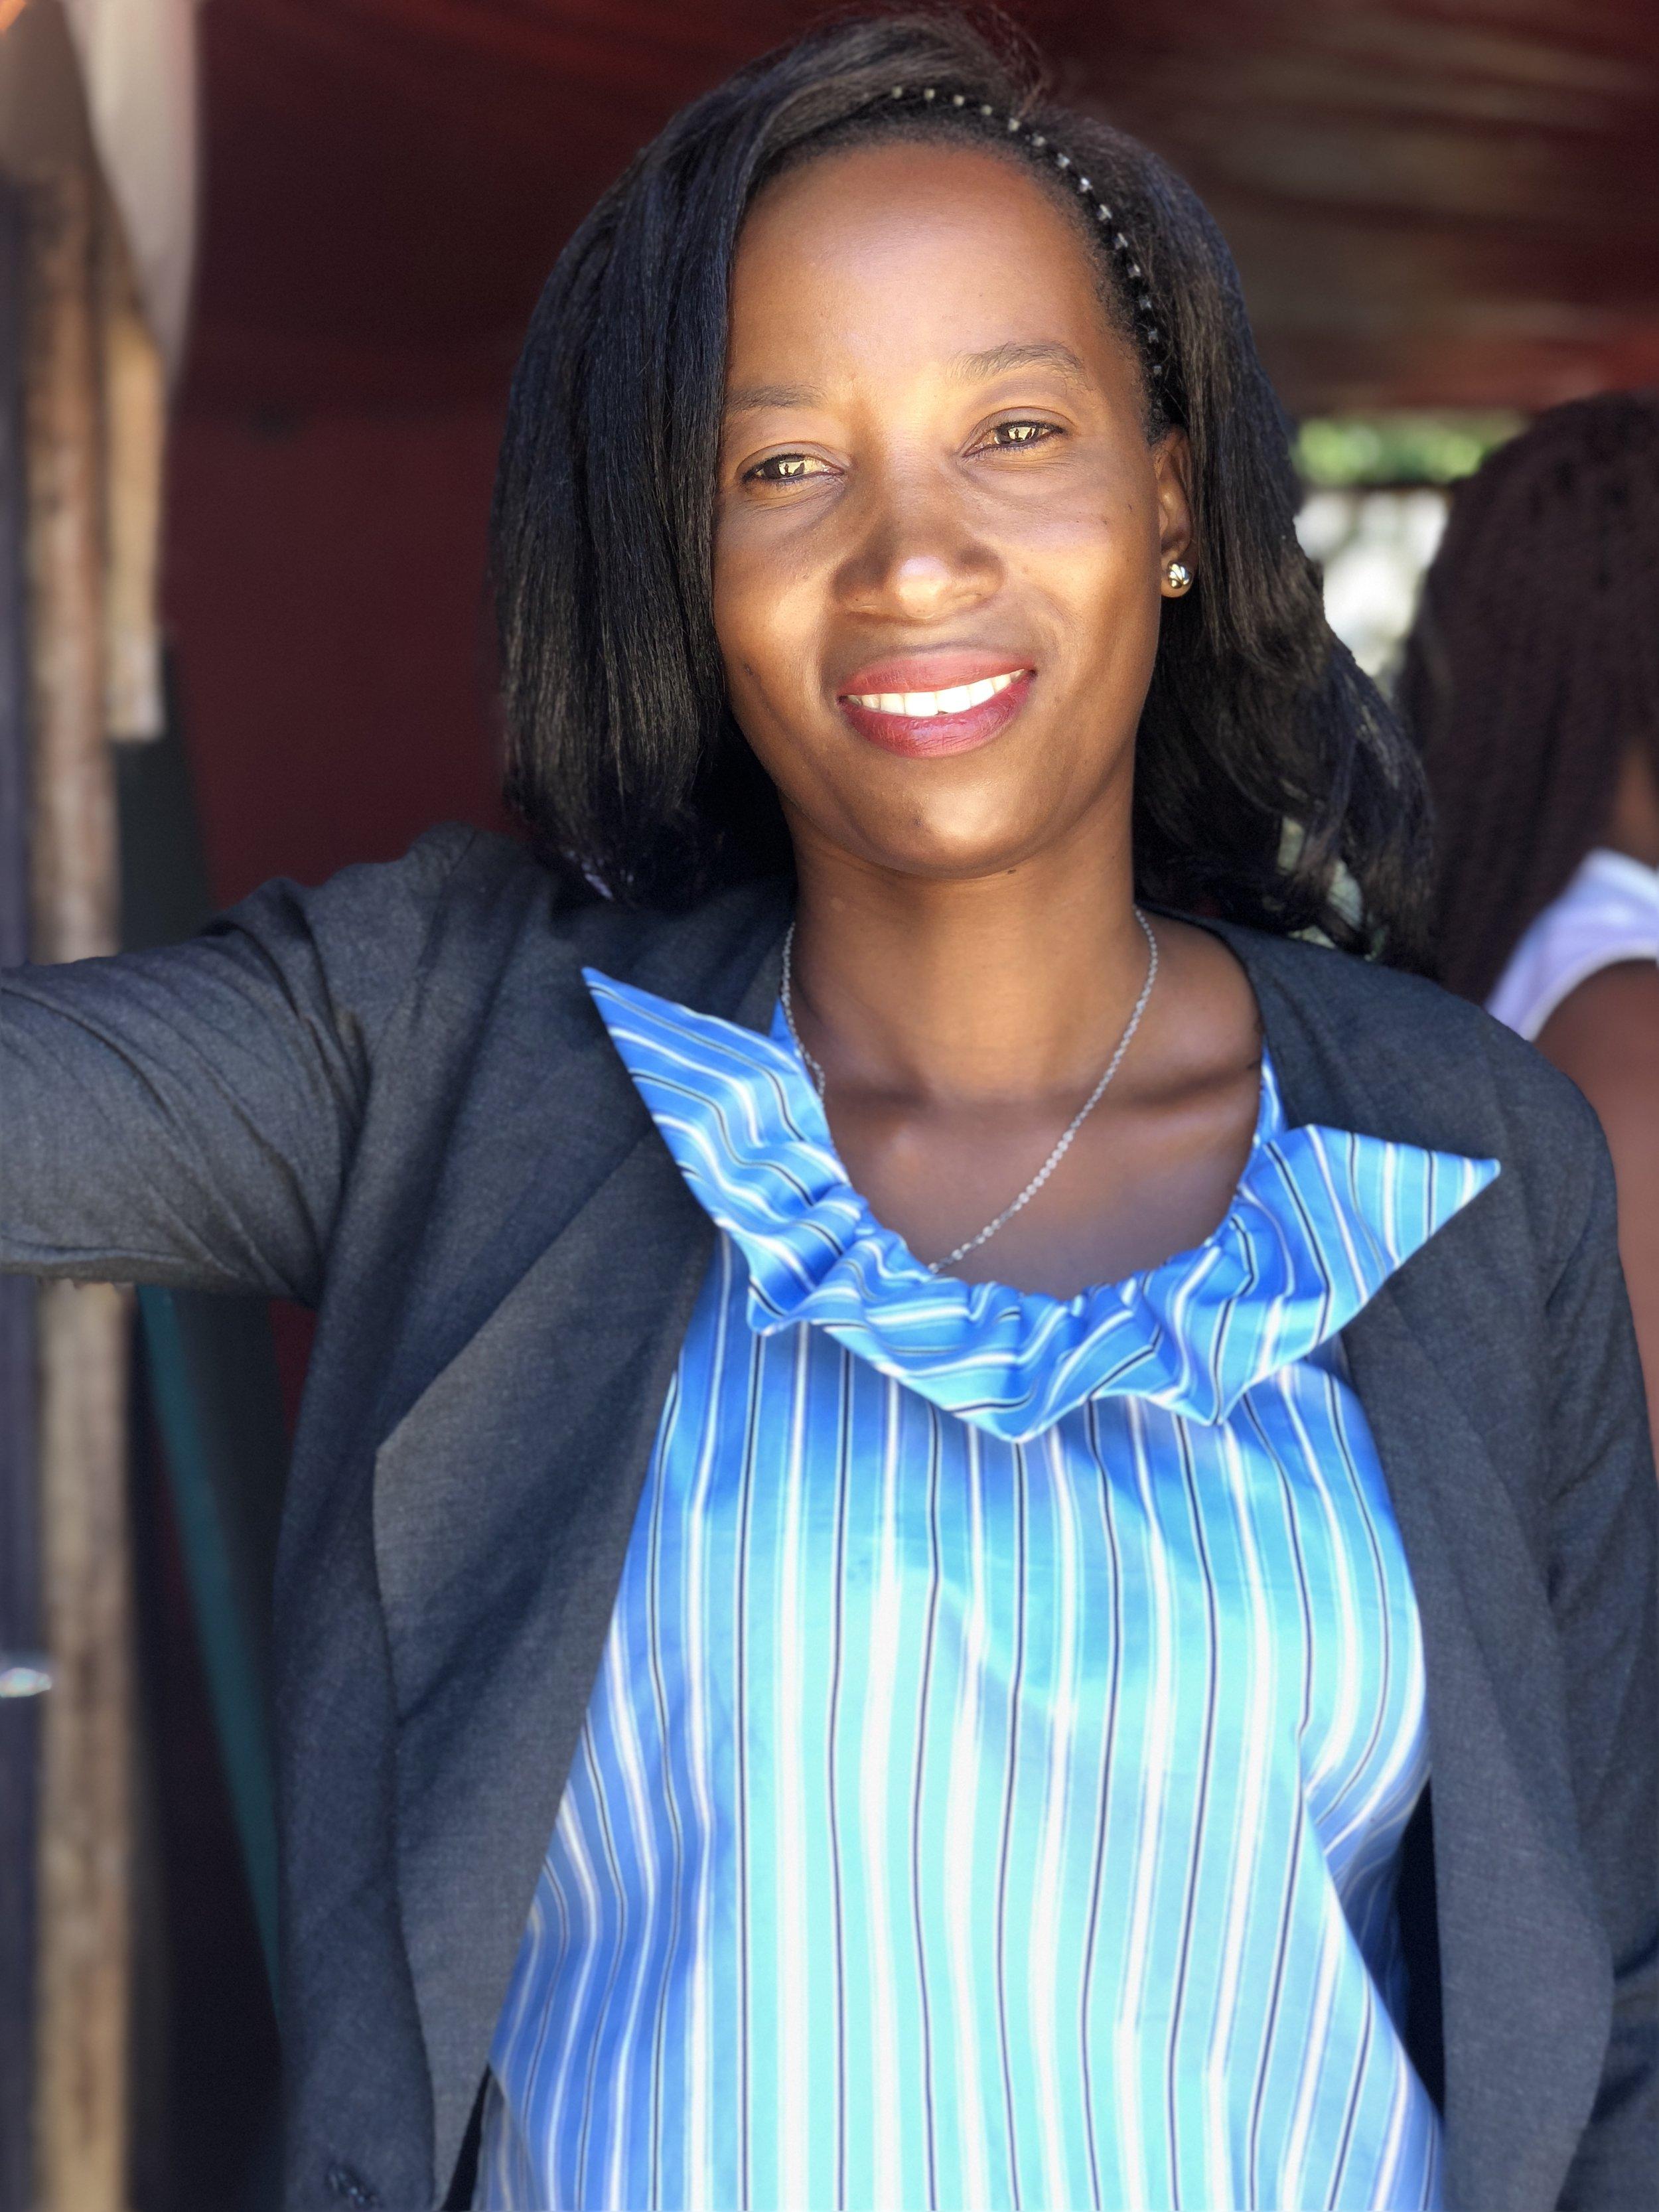 Wismenda Etienne - School Master